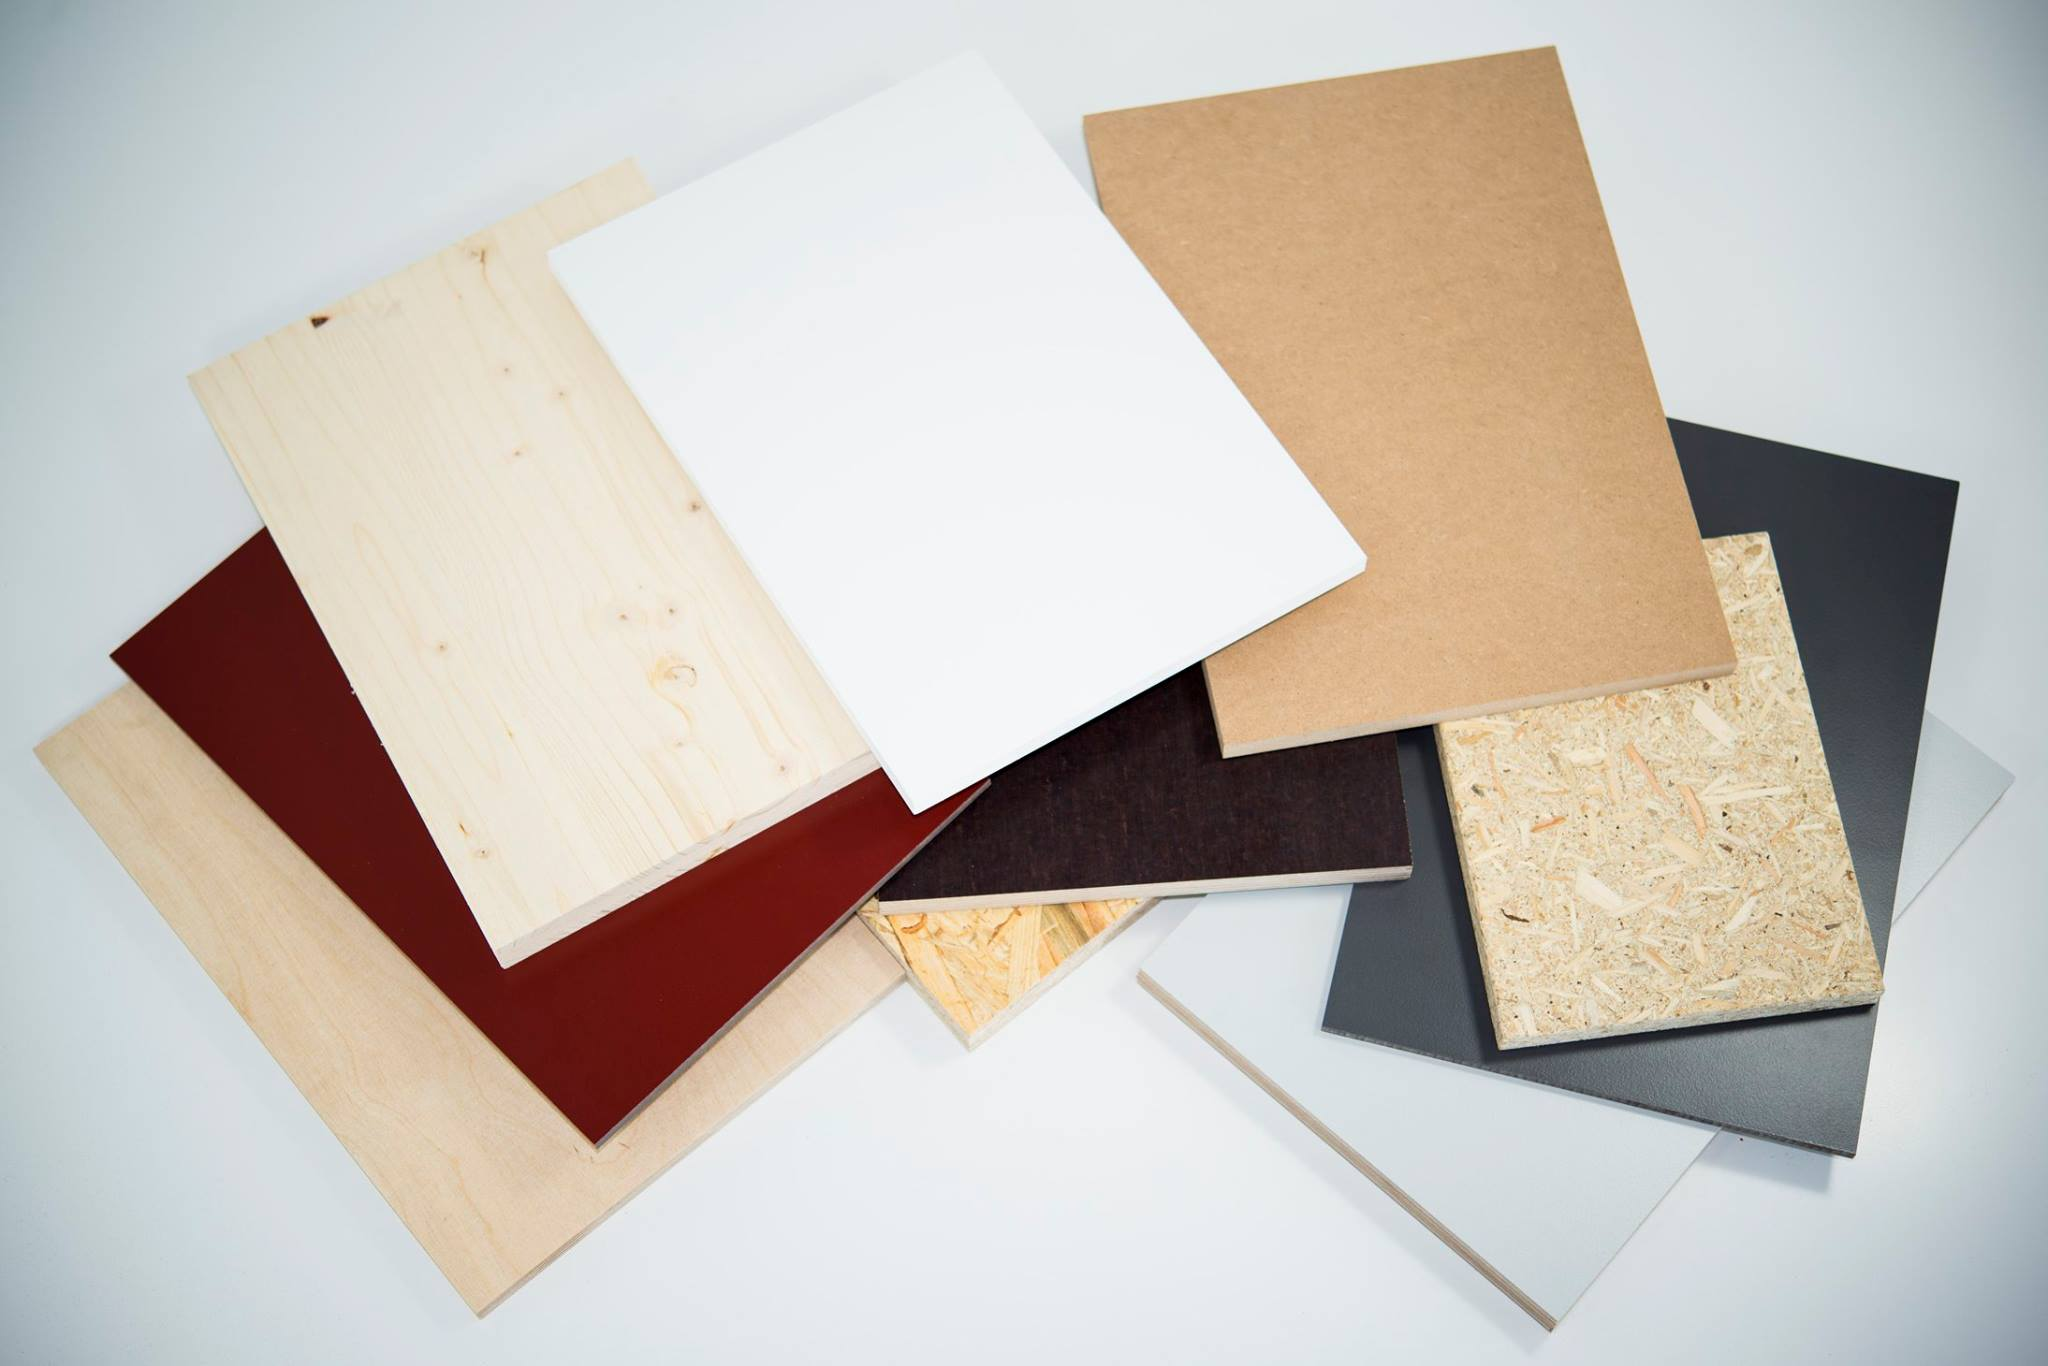 Holzzuschnitte in Gevelsberg - Verschiedene Plattenwerkstoffe